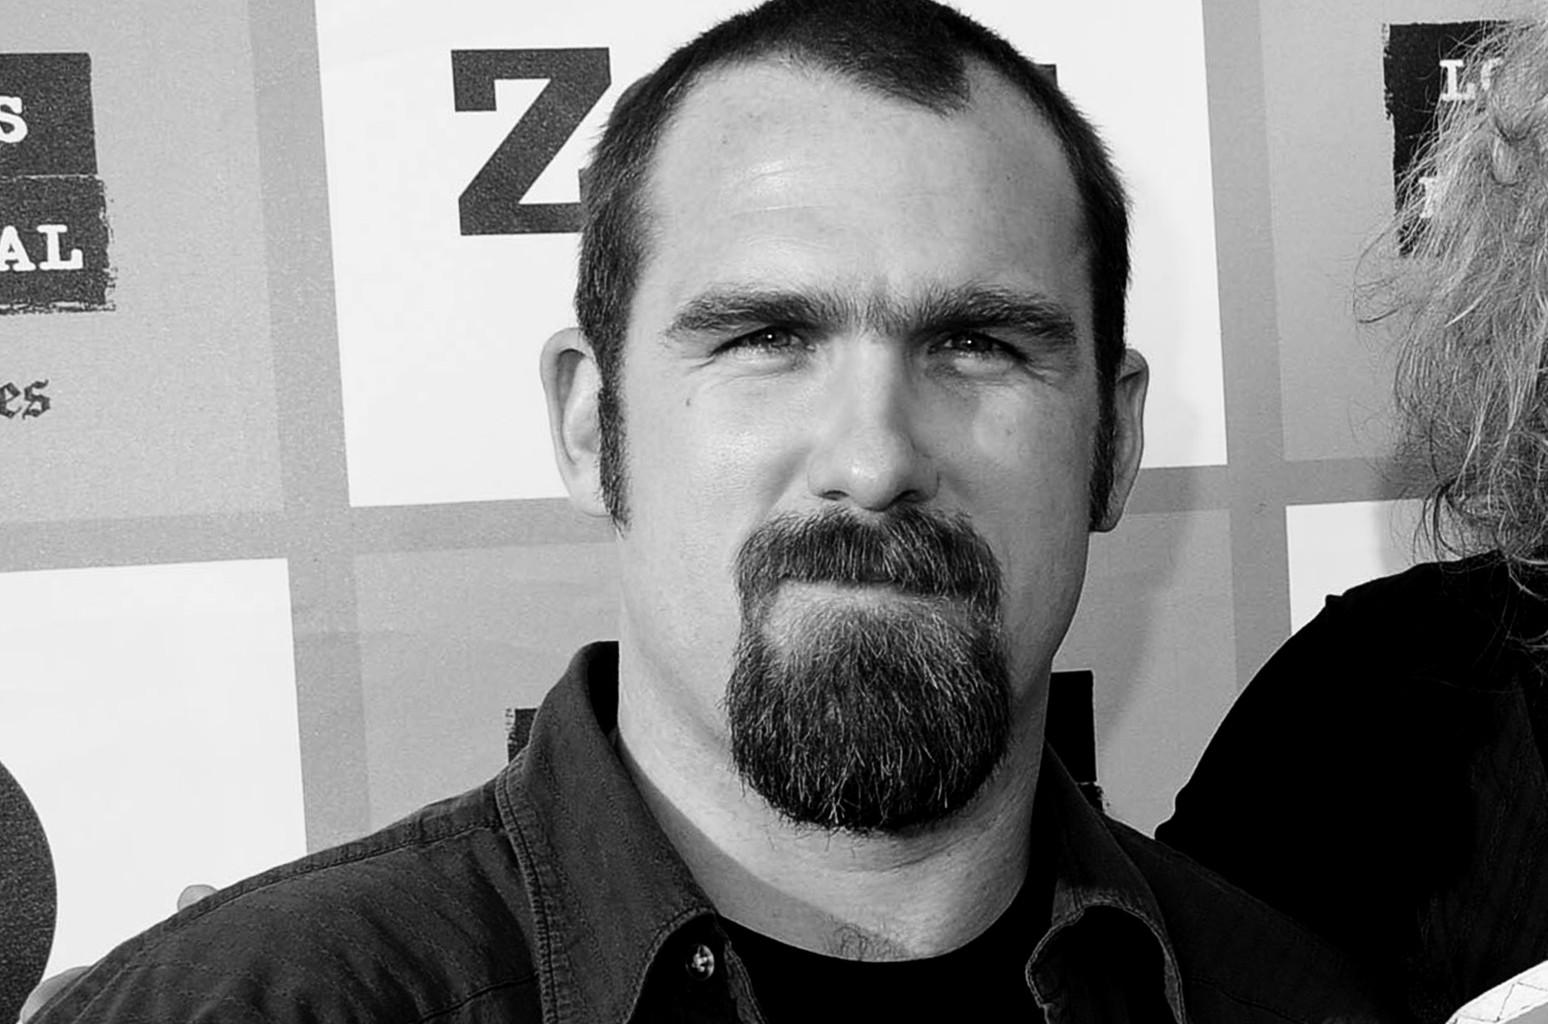 Sean McKeough in 2009